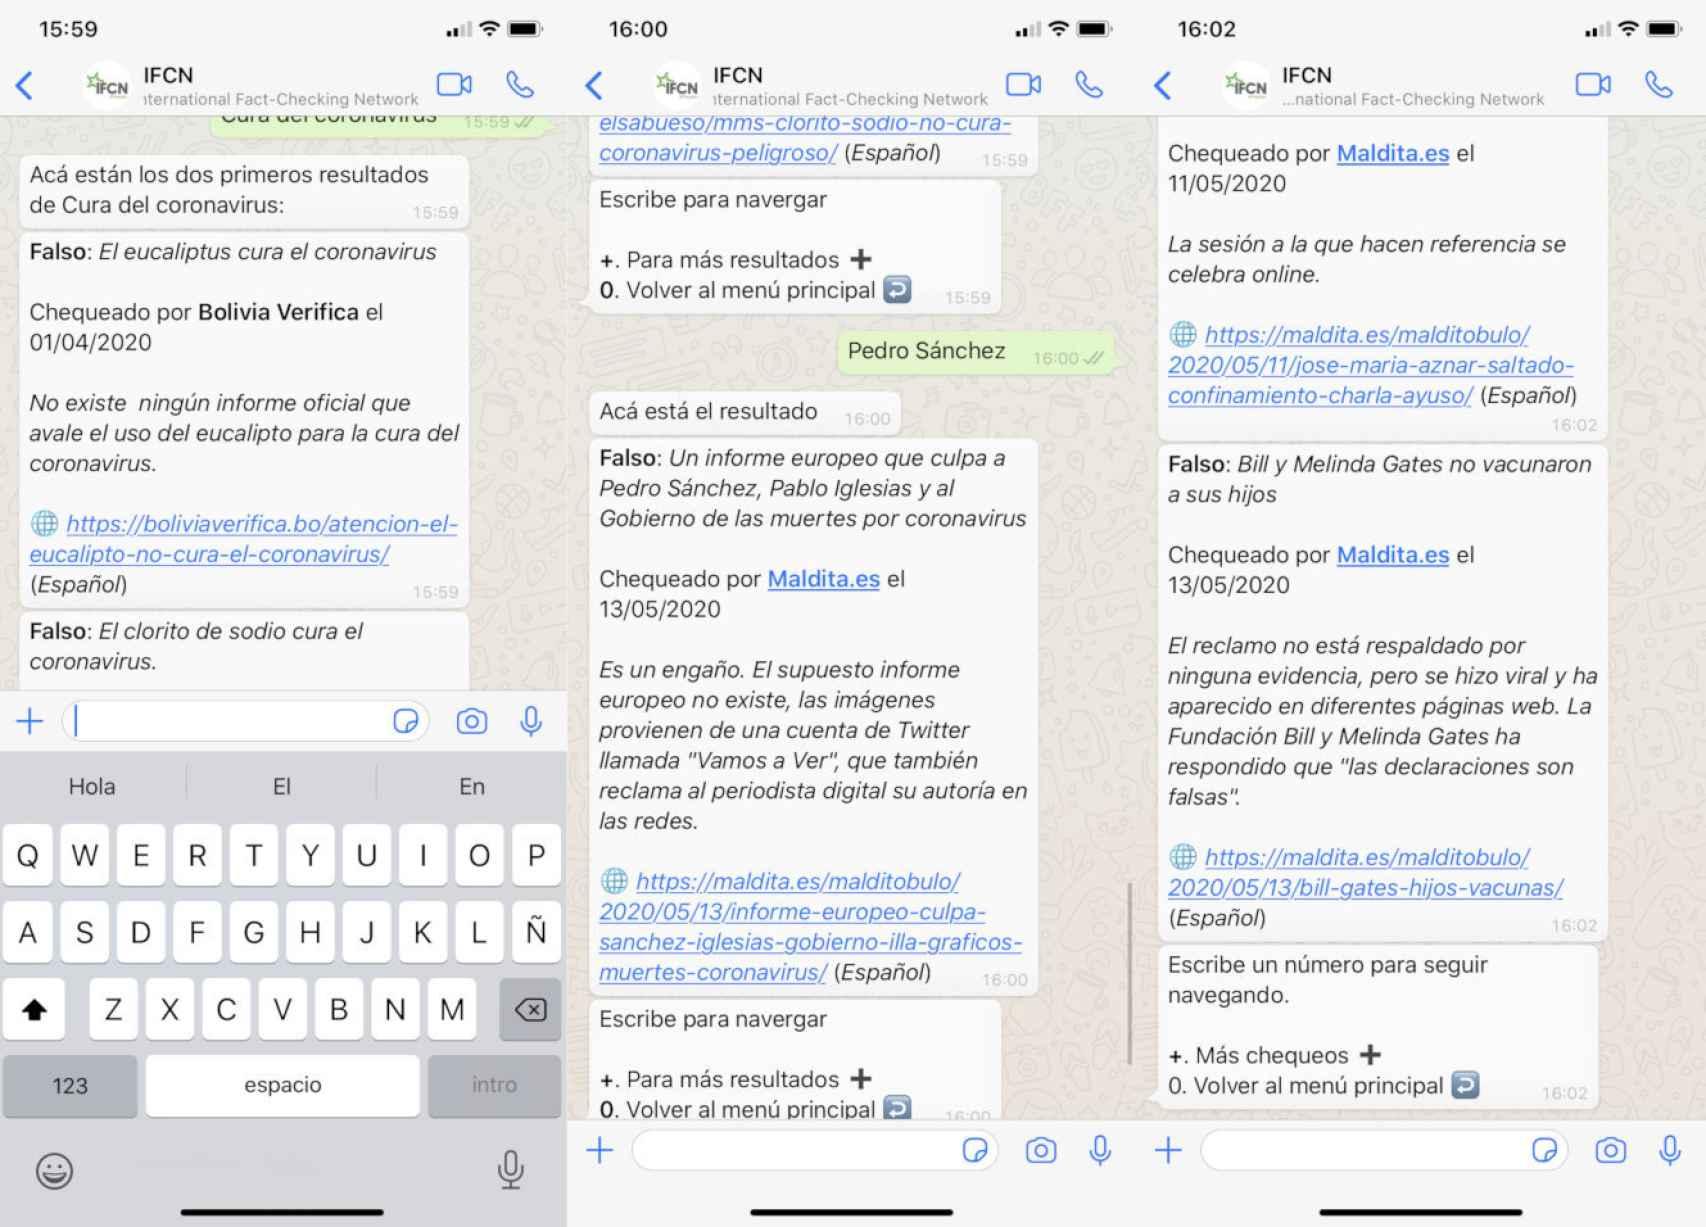 El bot de WhatsApp responde a términos como 'Pedro Sánchez' mostrando bulos